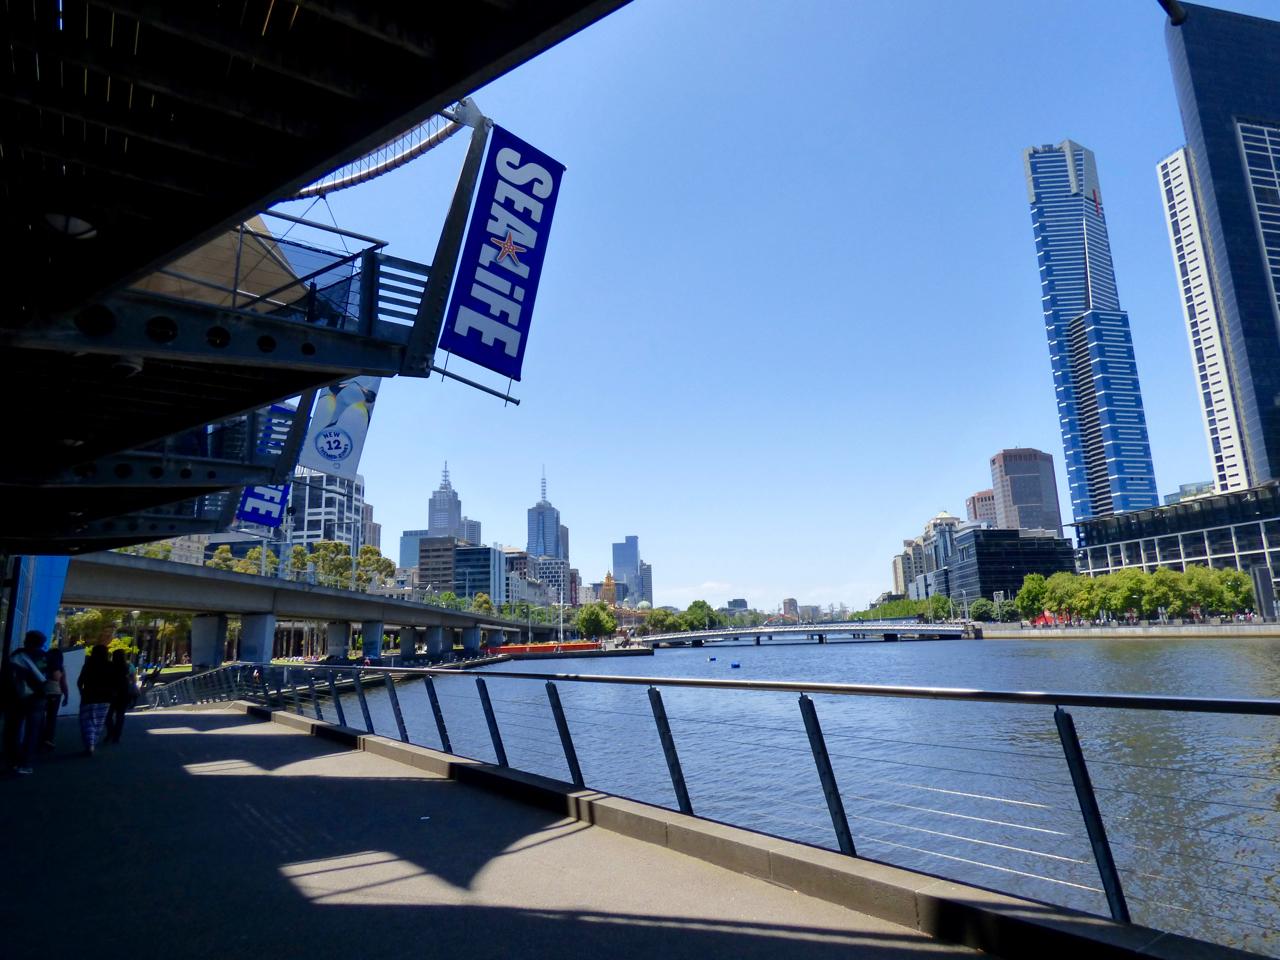 Melbourne, Australia Sea Life Aquarium